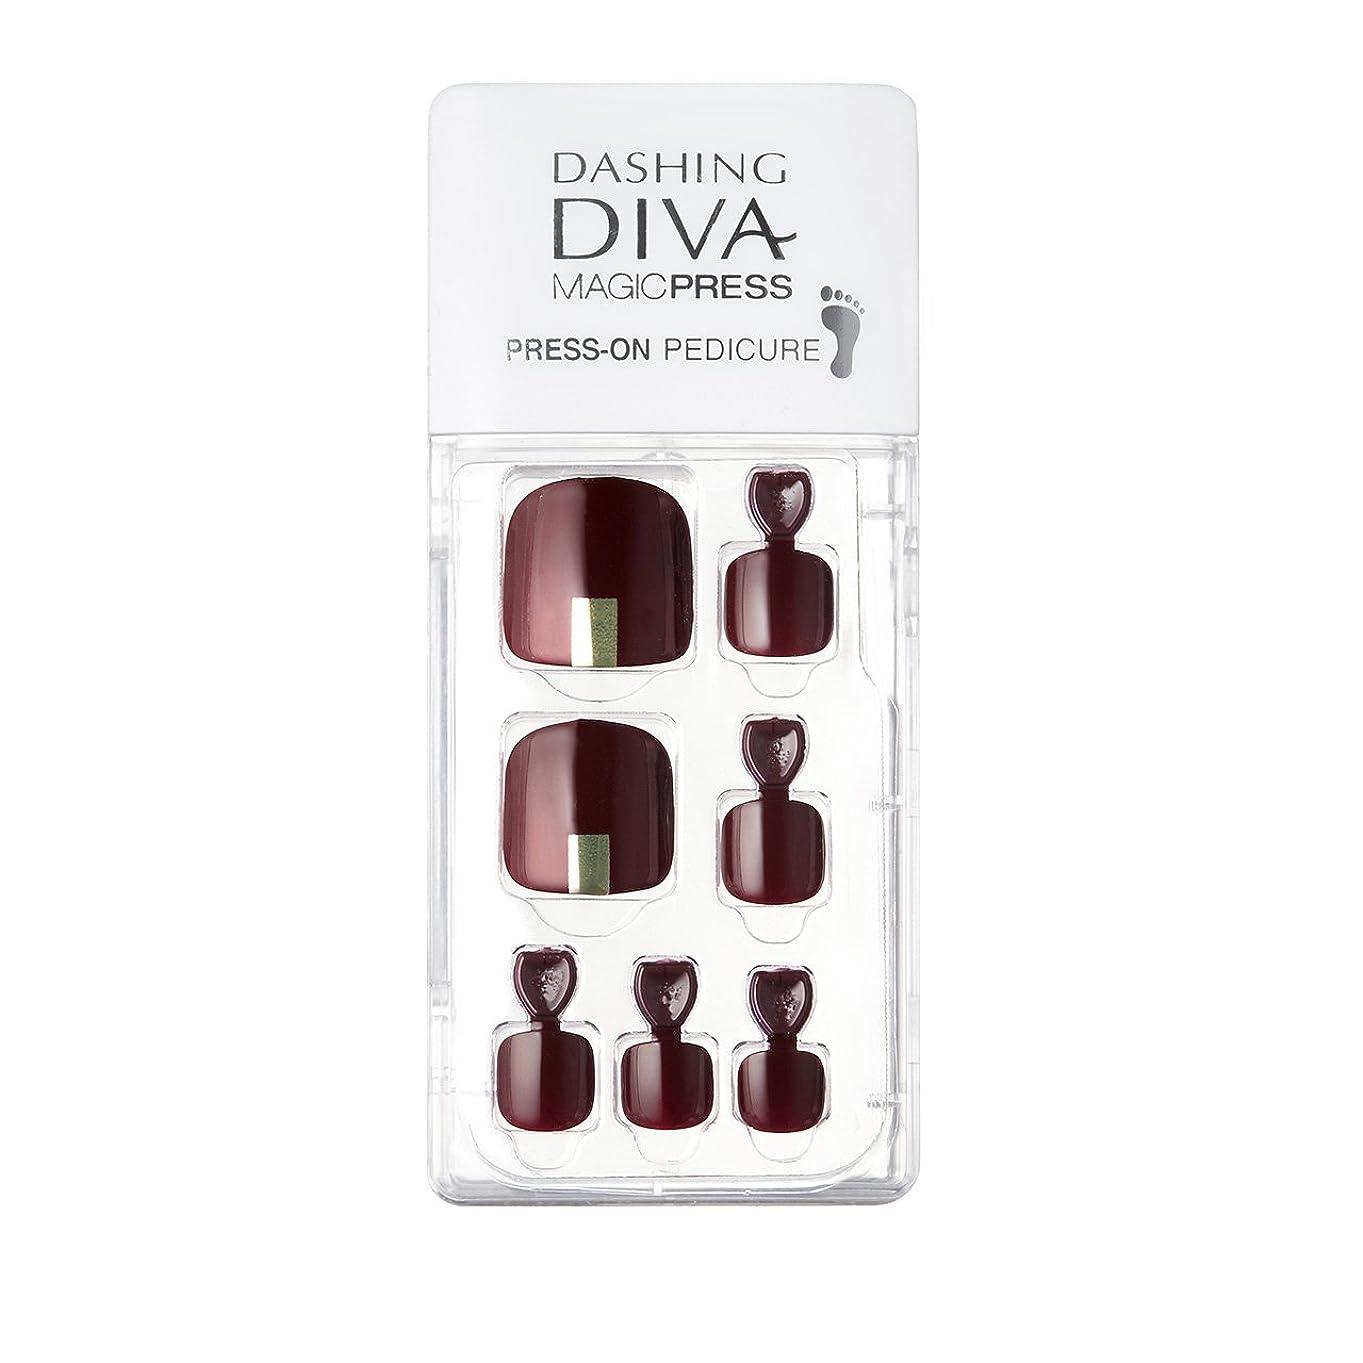 広告主説得力のある秋ダッシングディバ マジックプレス DASHING DIVA MagicPress MDR106P-DURY+ オリジナルジェル ネイルチップ